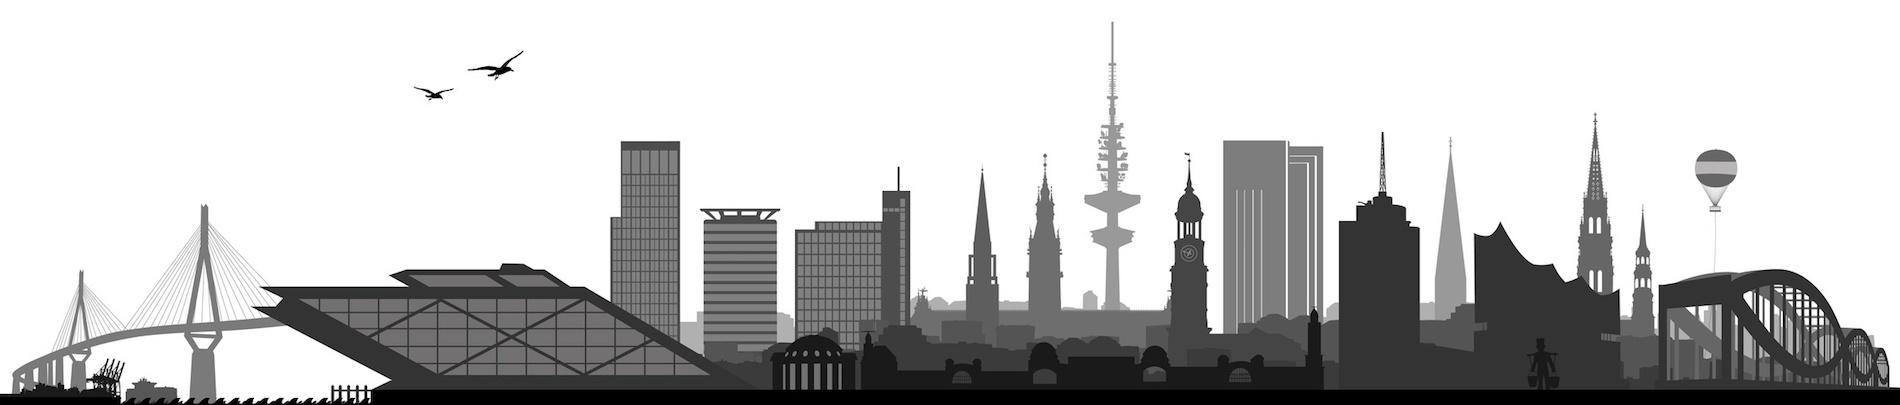 Career_Hamburg.jpg